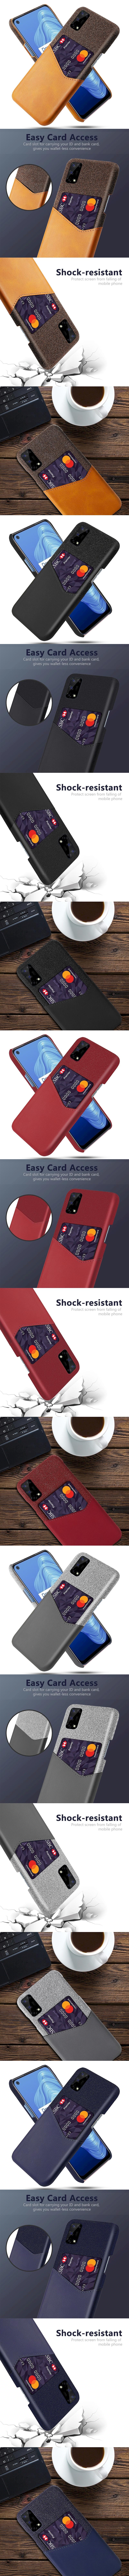 皮革保護殼(PLAIN) - 皮革混布紋單插卡背蓋撞色手機殼保護套手機套